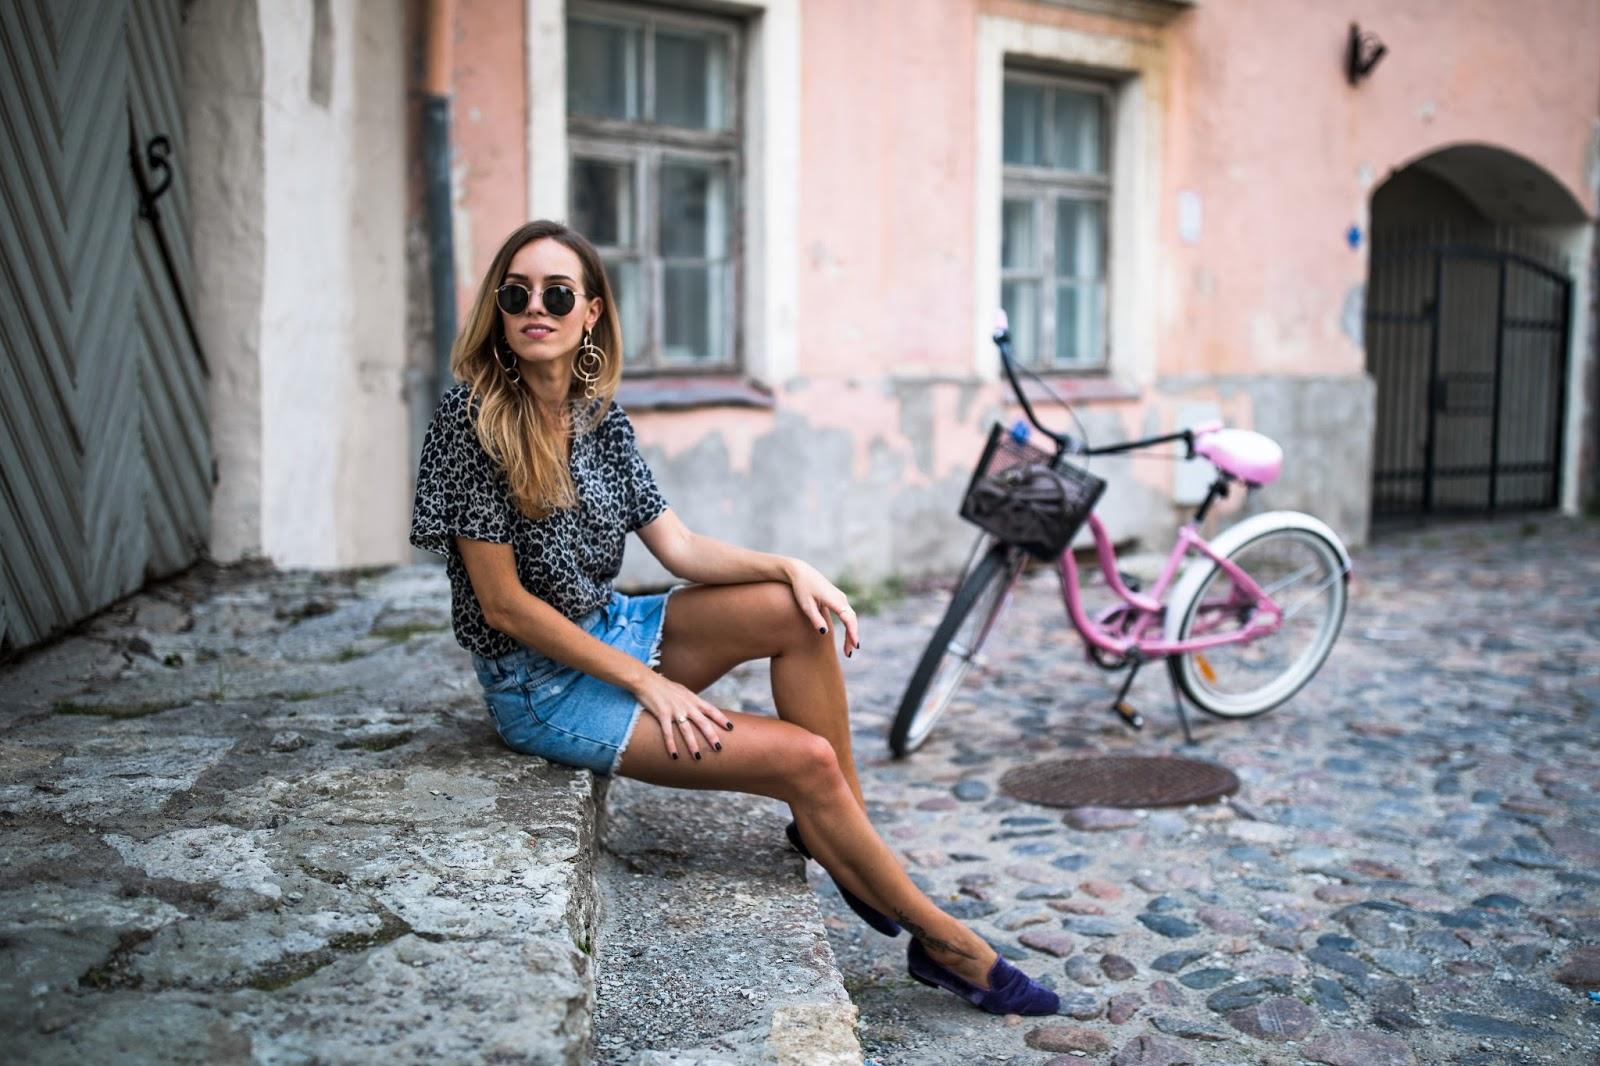 denim mini skirt velvet flats outfit